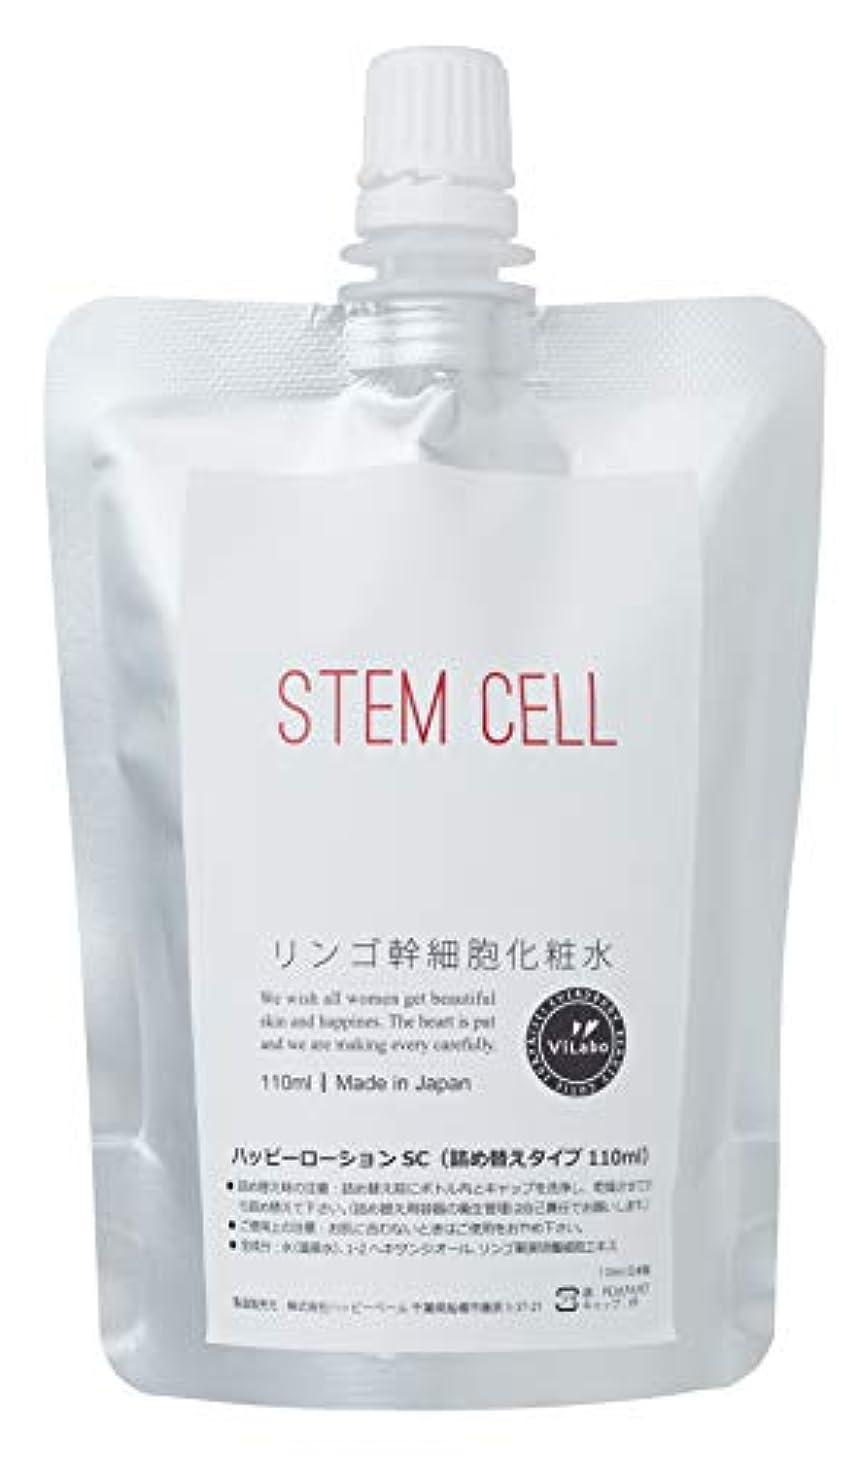 キッチンここにシーフードリンゴ幹細胞化粧水-天然温泉水+高級美容成分の浸透型化粧水-品名:ハッピーローションEF ノンパラベン、アルコール、フェノキシエタノール、石油系合成界面活性剤無添加 (詰め替えパウチ110ml)